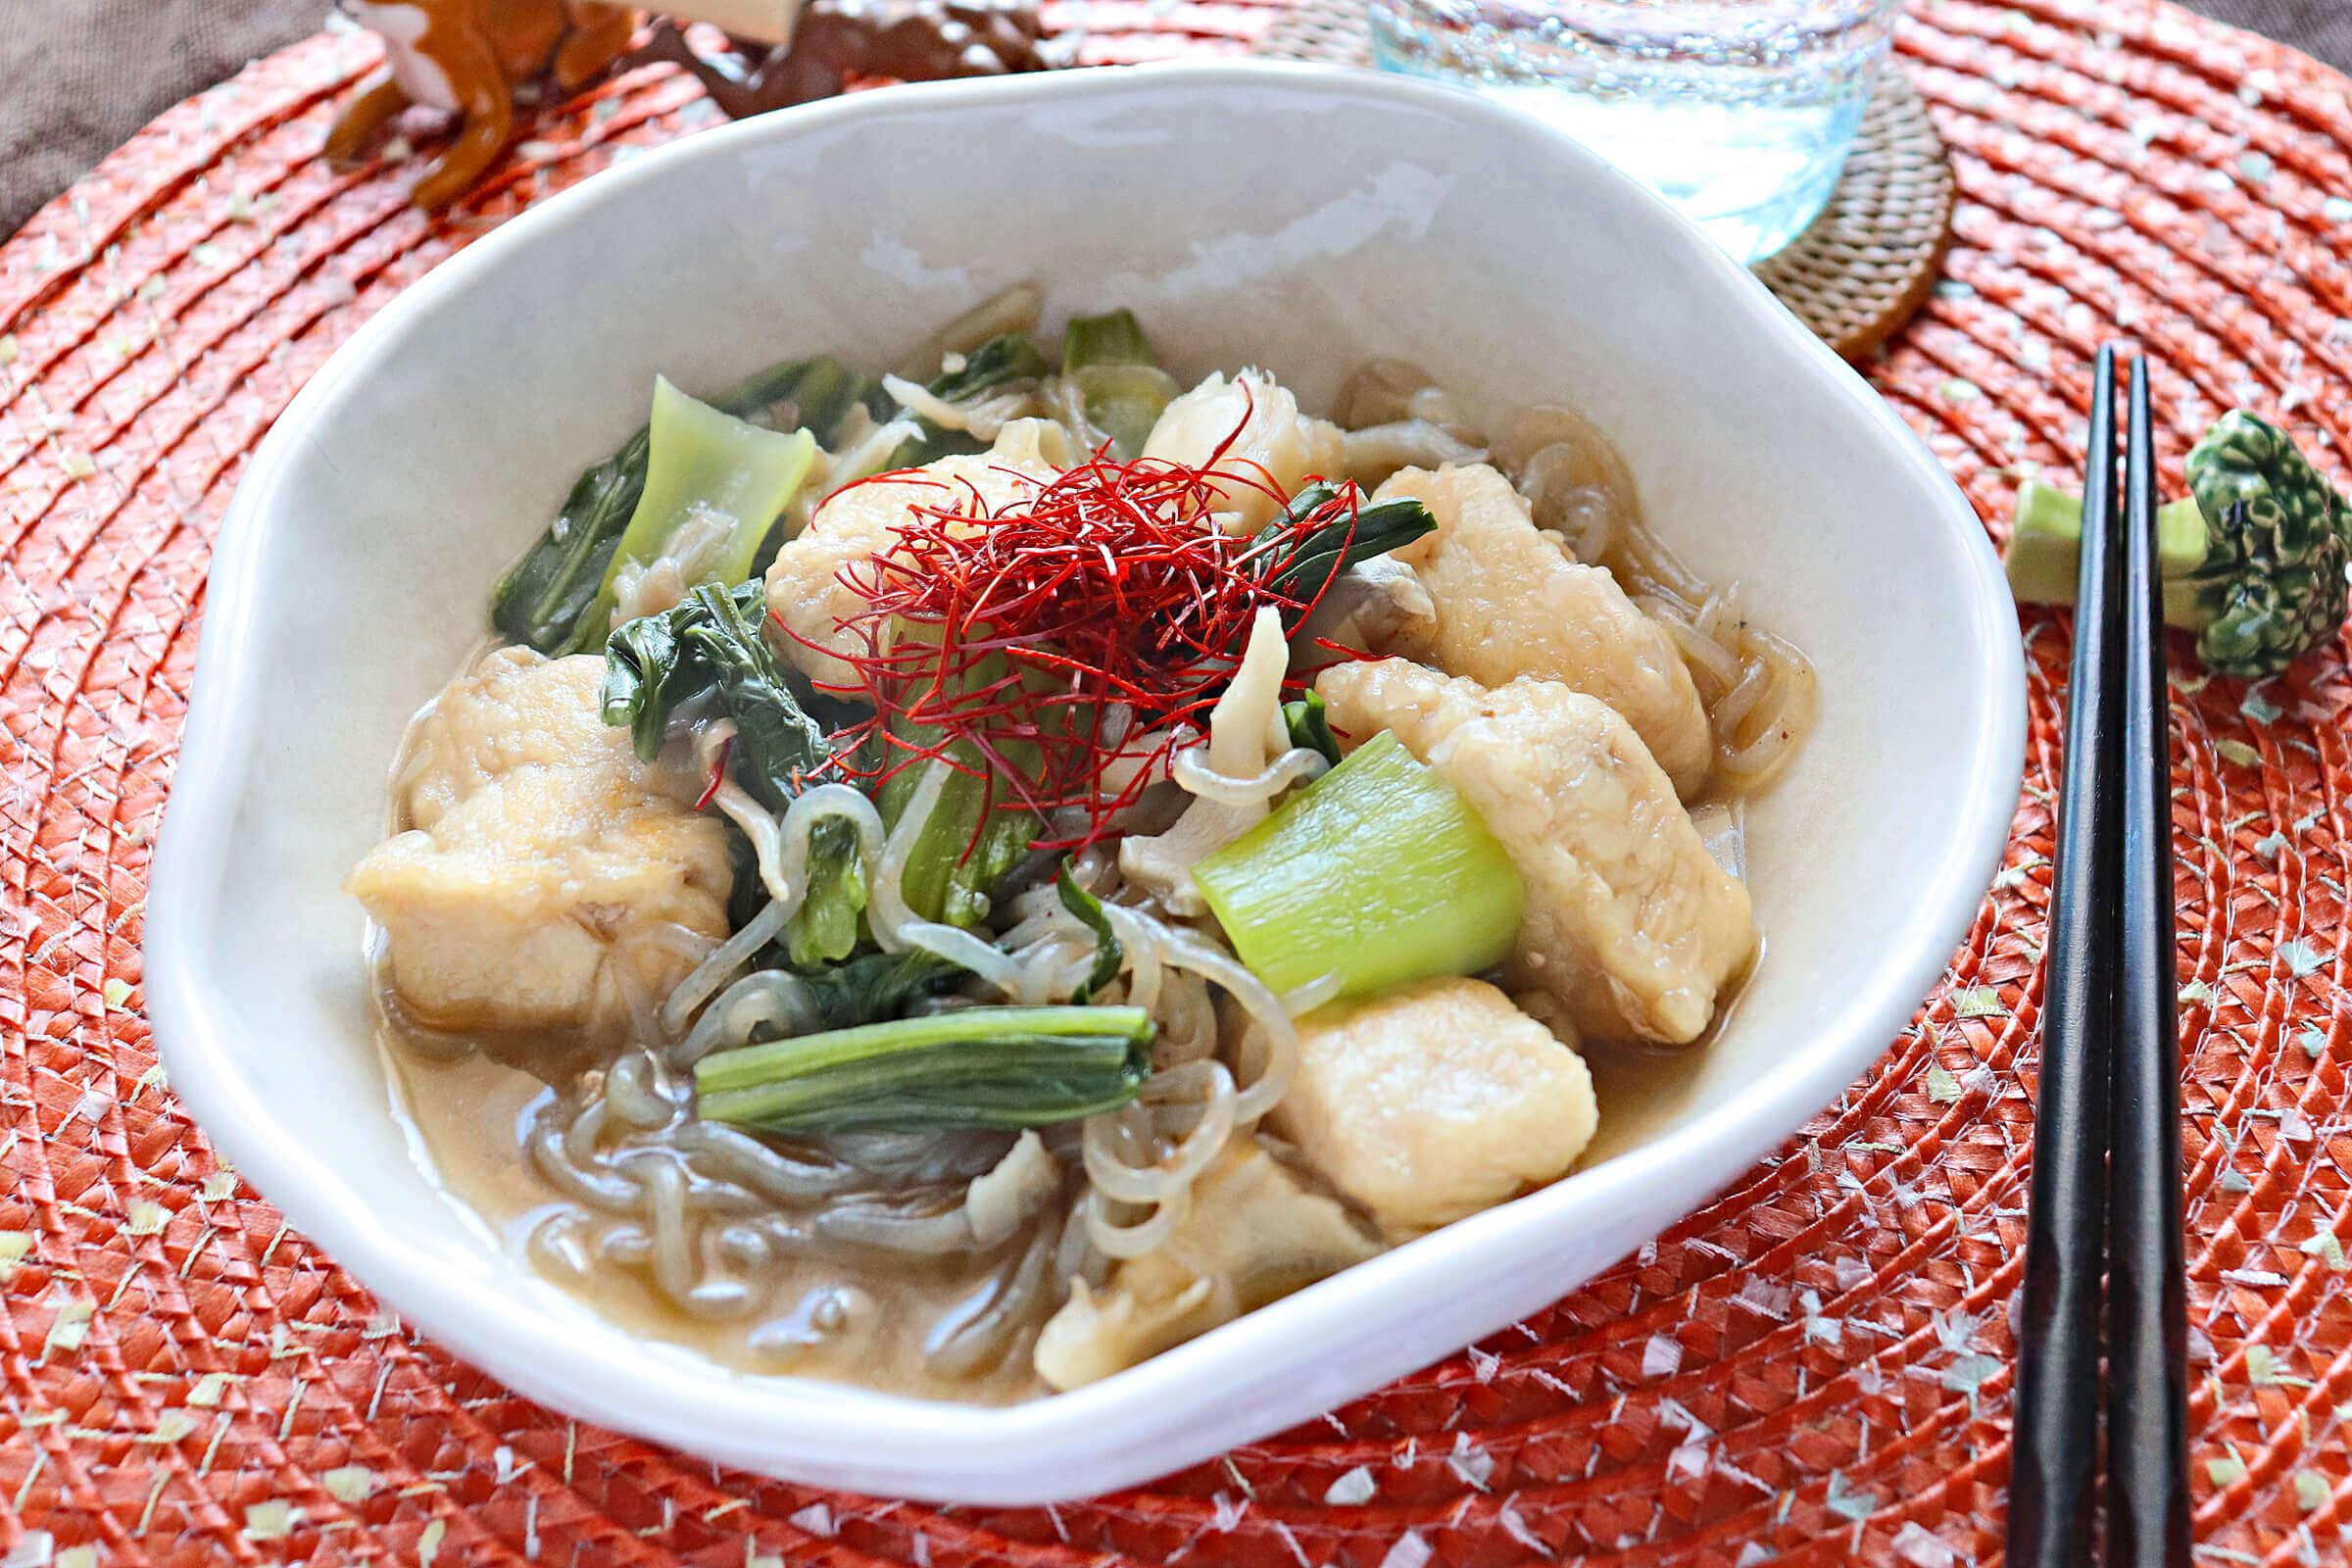 鶏胸肉とチンゲン菜の中華風すき焼き